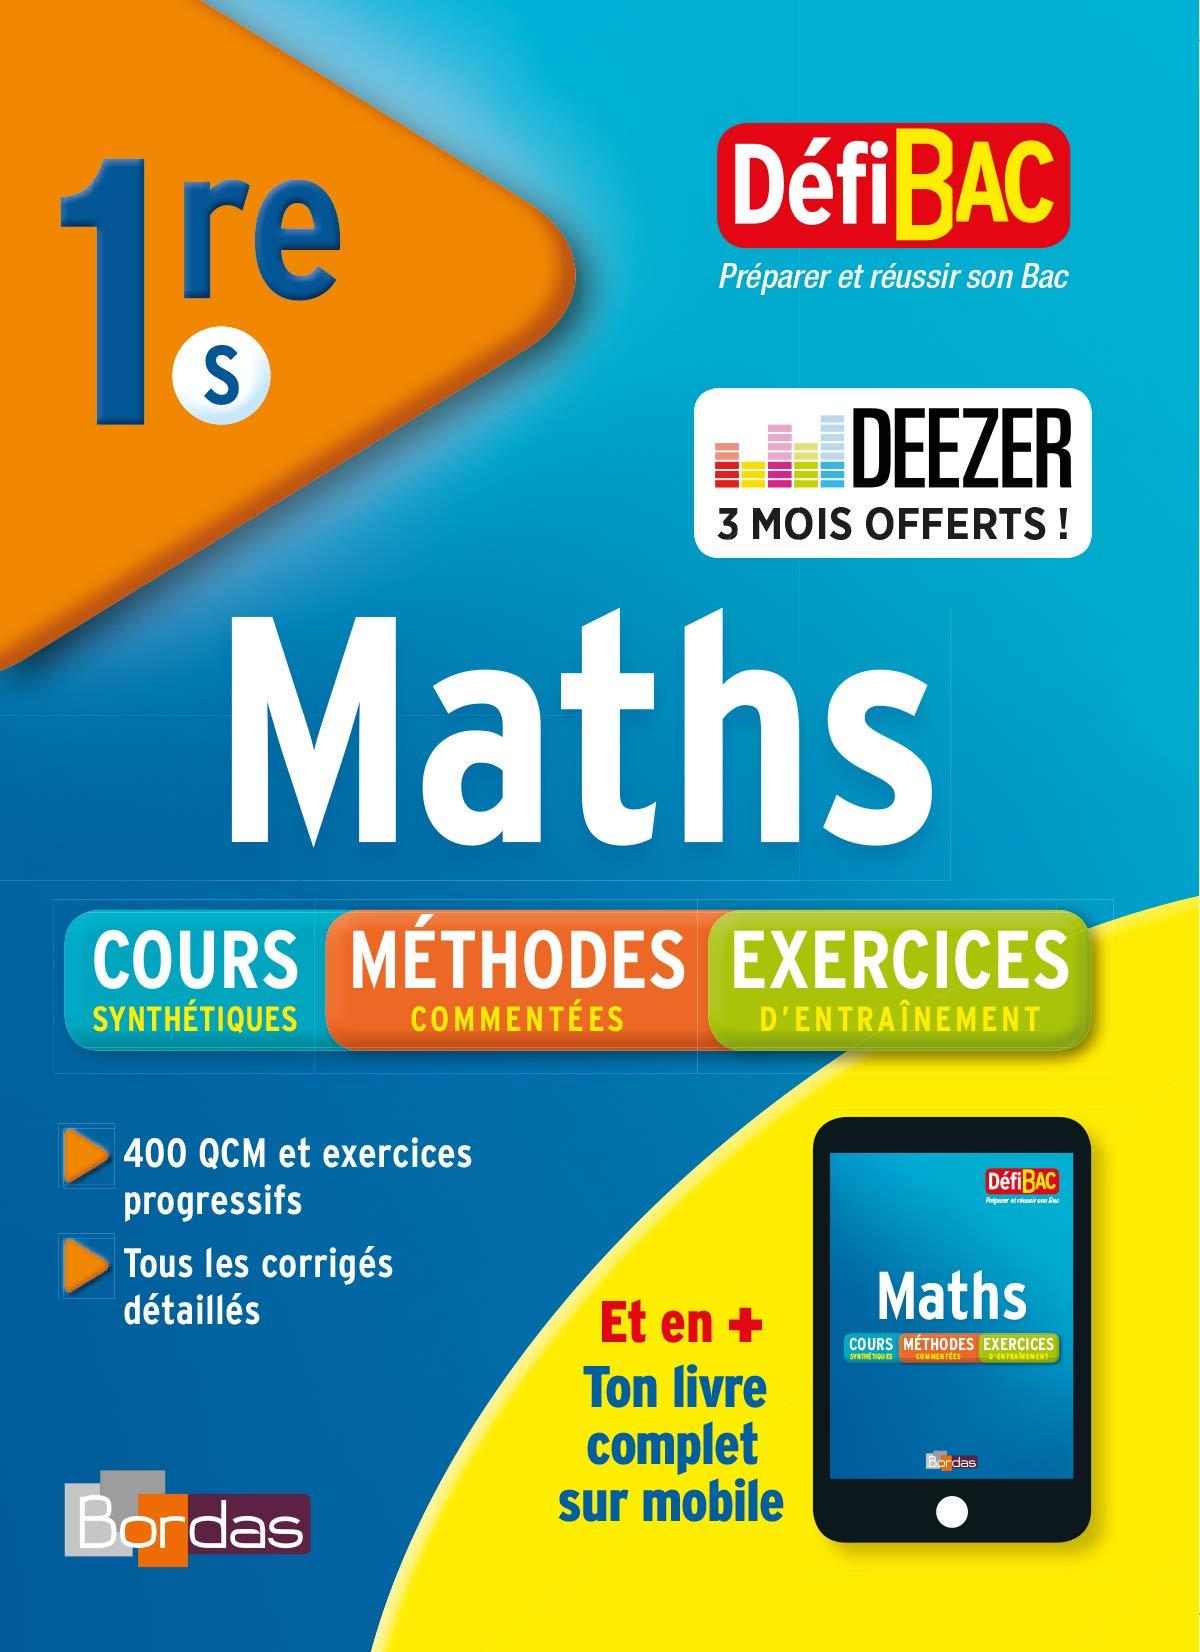 Defibac Maths 1ere S Cours Methodes Exercices Defibac Cme Amazon Co Uk Boissiere Gabriel Aoustin Fabien 9782047356203 Books